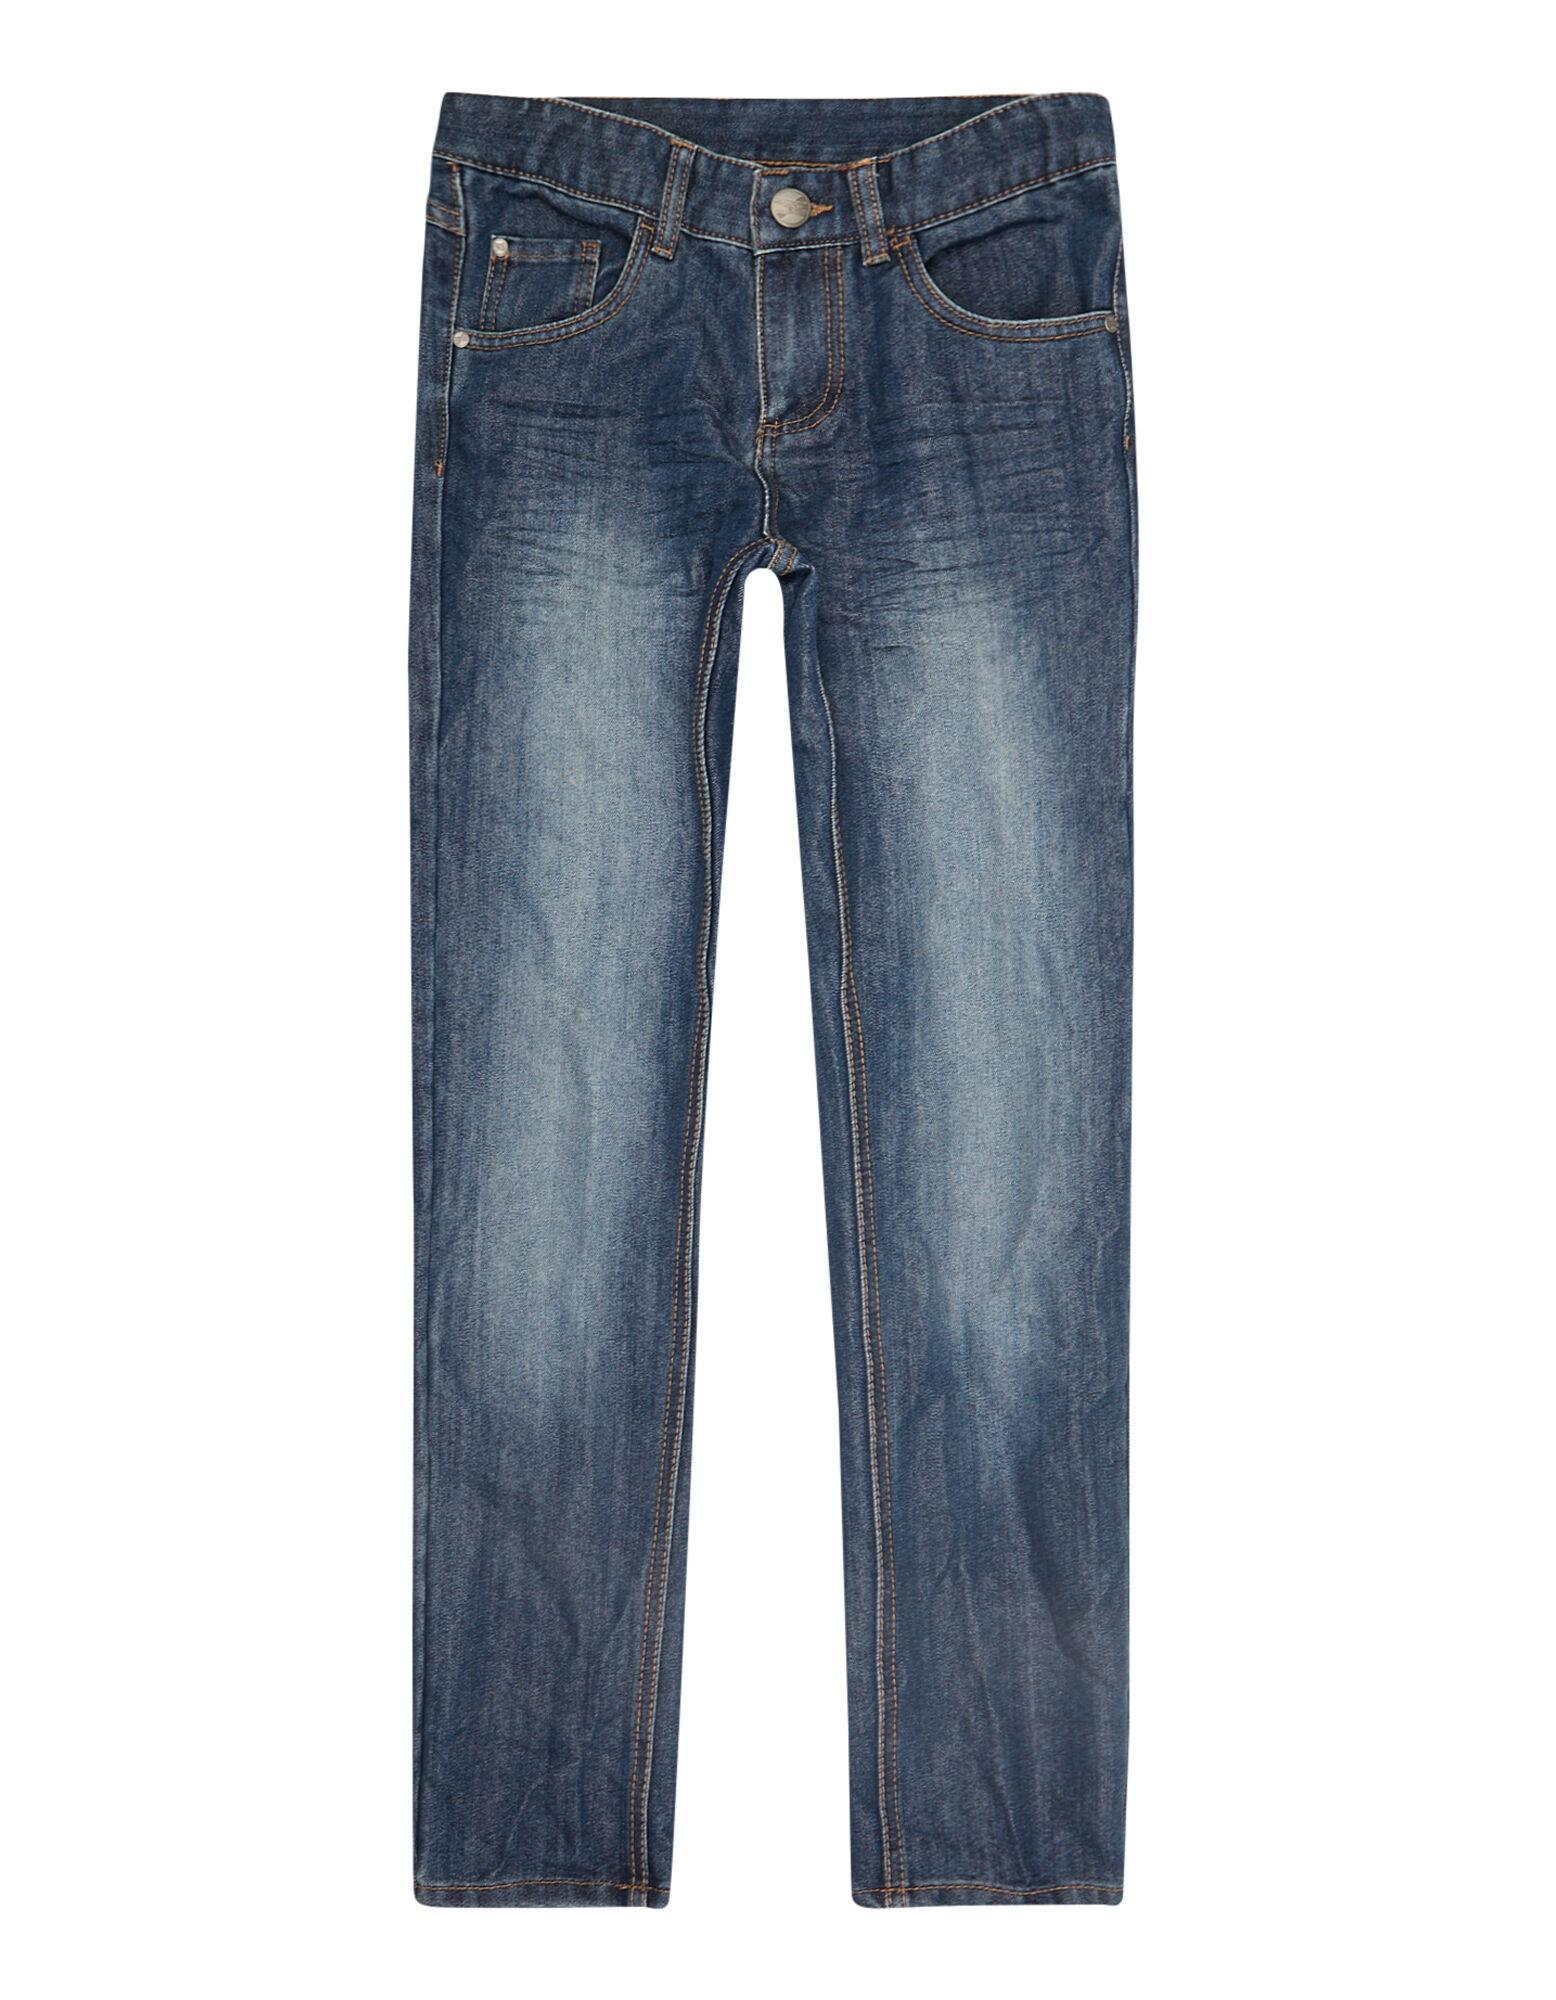 Jungen Jeans & Hosen günstig Wachsen und sparen Takko